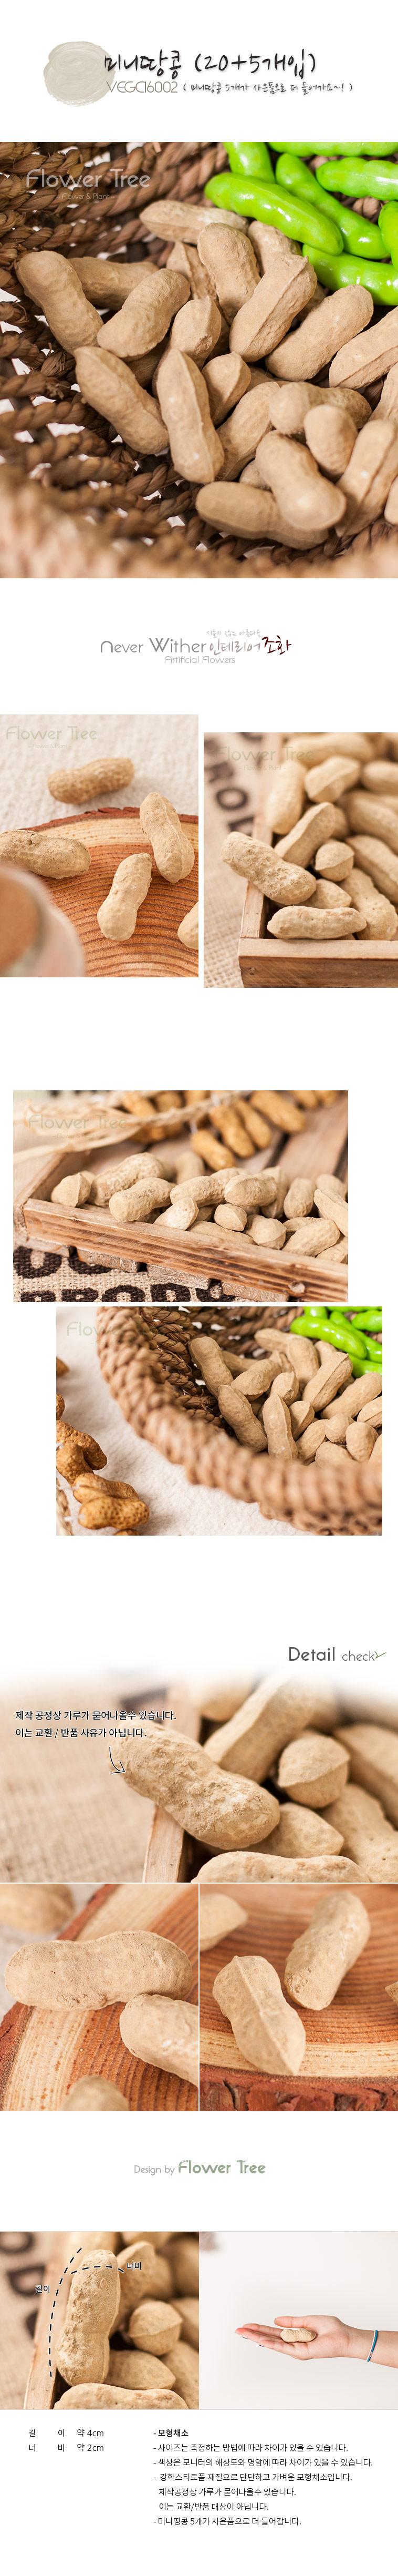 미니땅콩(20개입) [모형] - 플라워트리, 3,600원, 미니어처, 음식